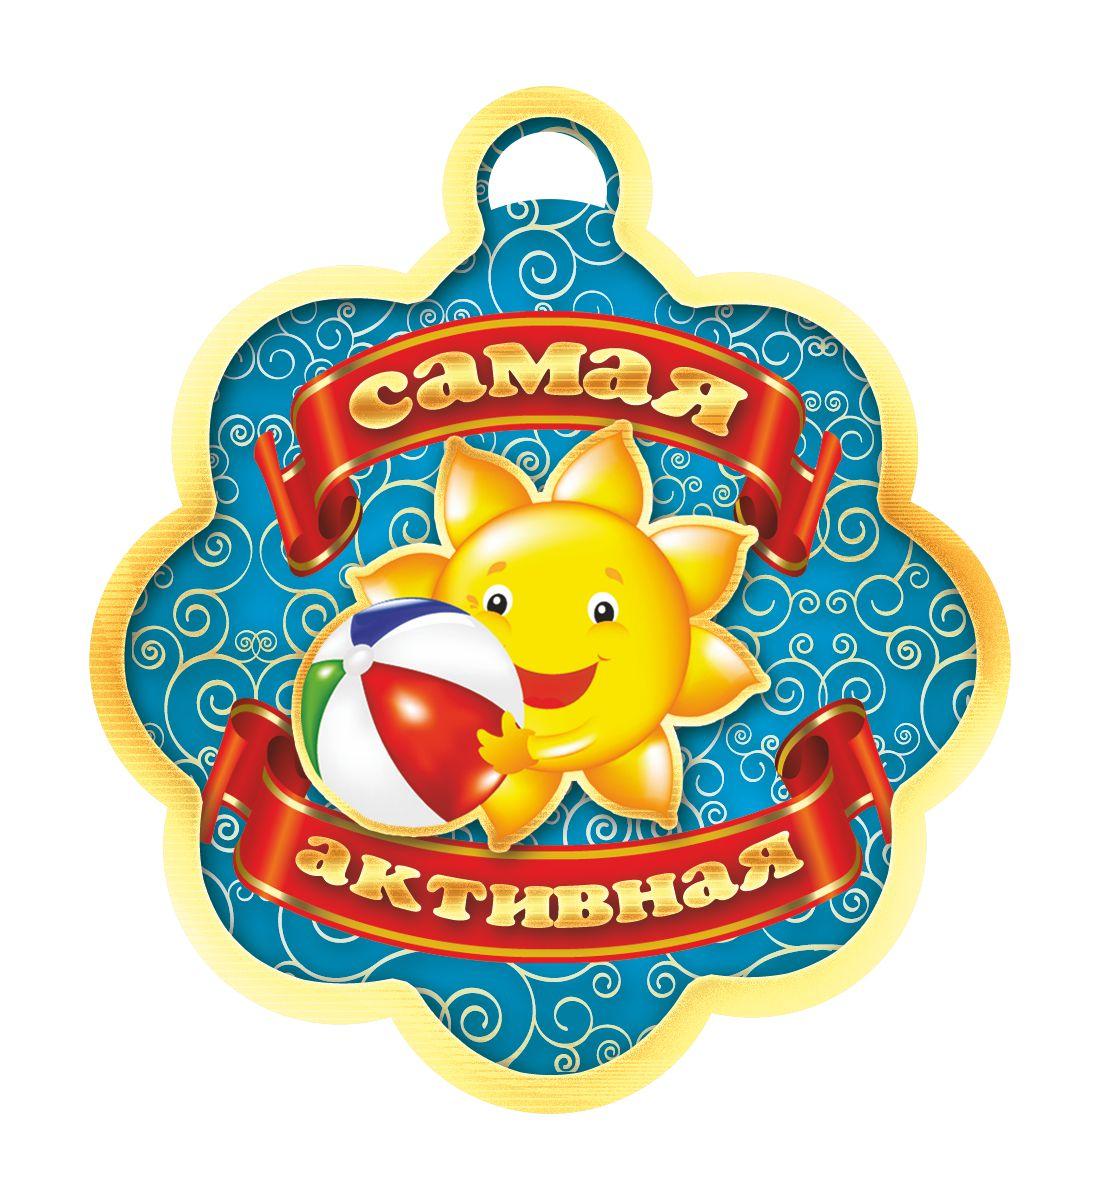 Открытка-медаль Самая активная. 13671367Открыткой-медалью Самая активная можно отметить и отличившегося школьника, и лучшего работника, и победителя соревнования. Прекрасный выбор для создания атмосферы праздника.